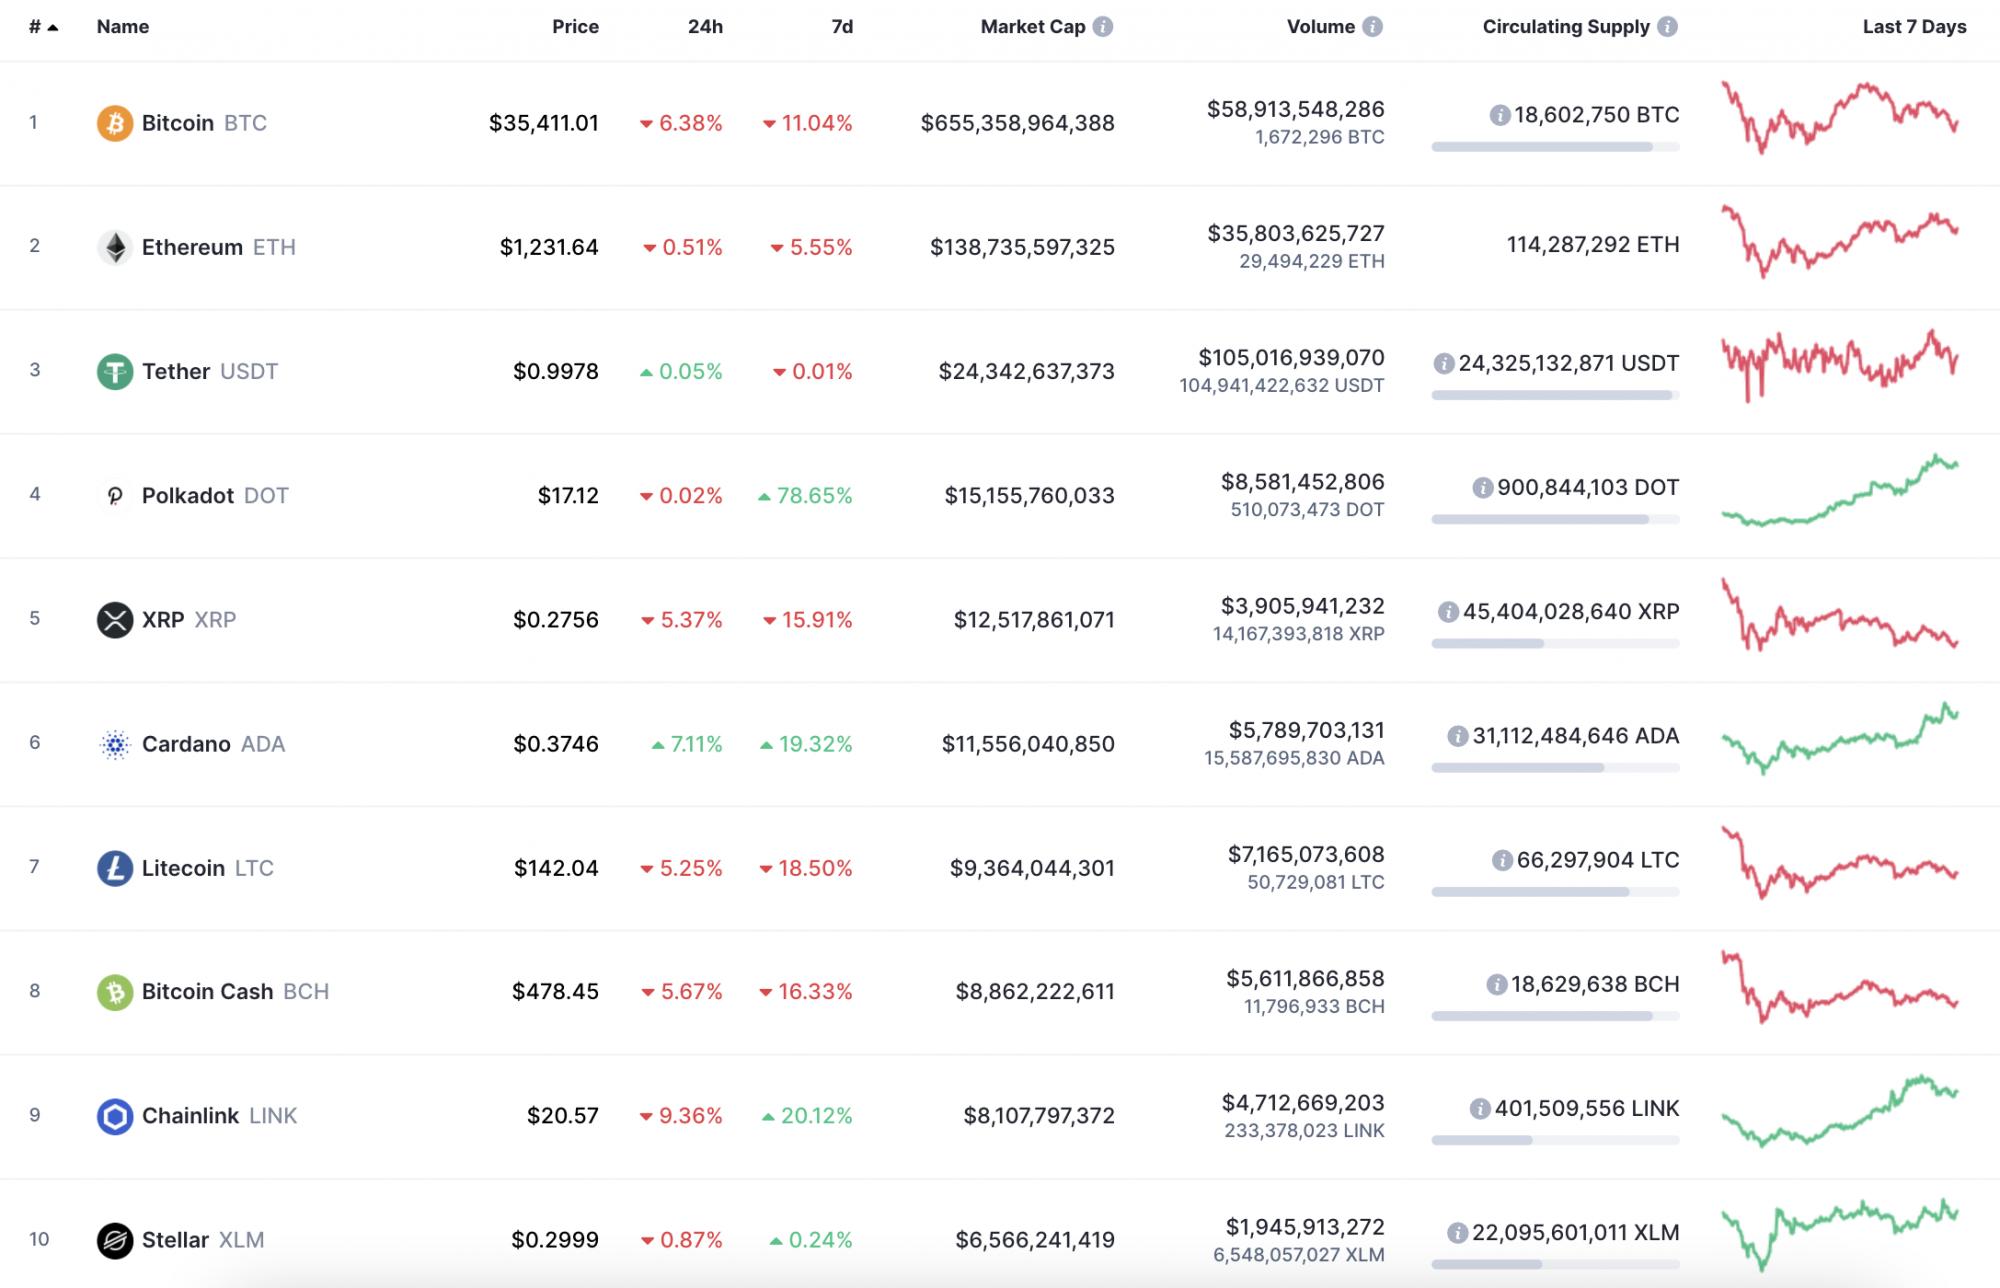 bitcoin ár usd coinmarketcap hogyan kell konvertálni a btc-t et a gdax-ban